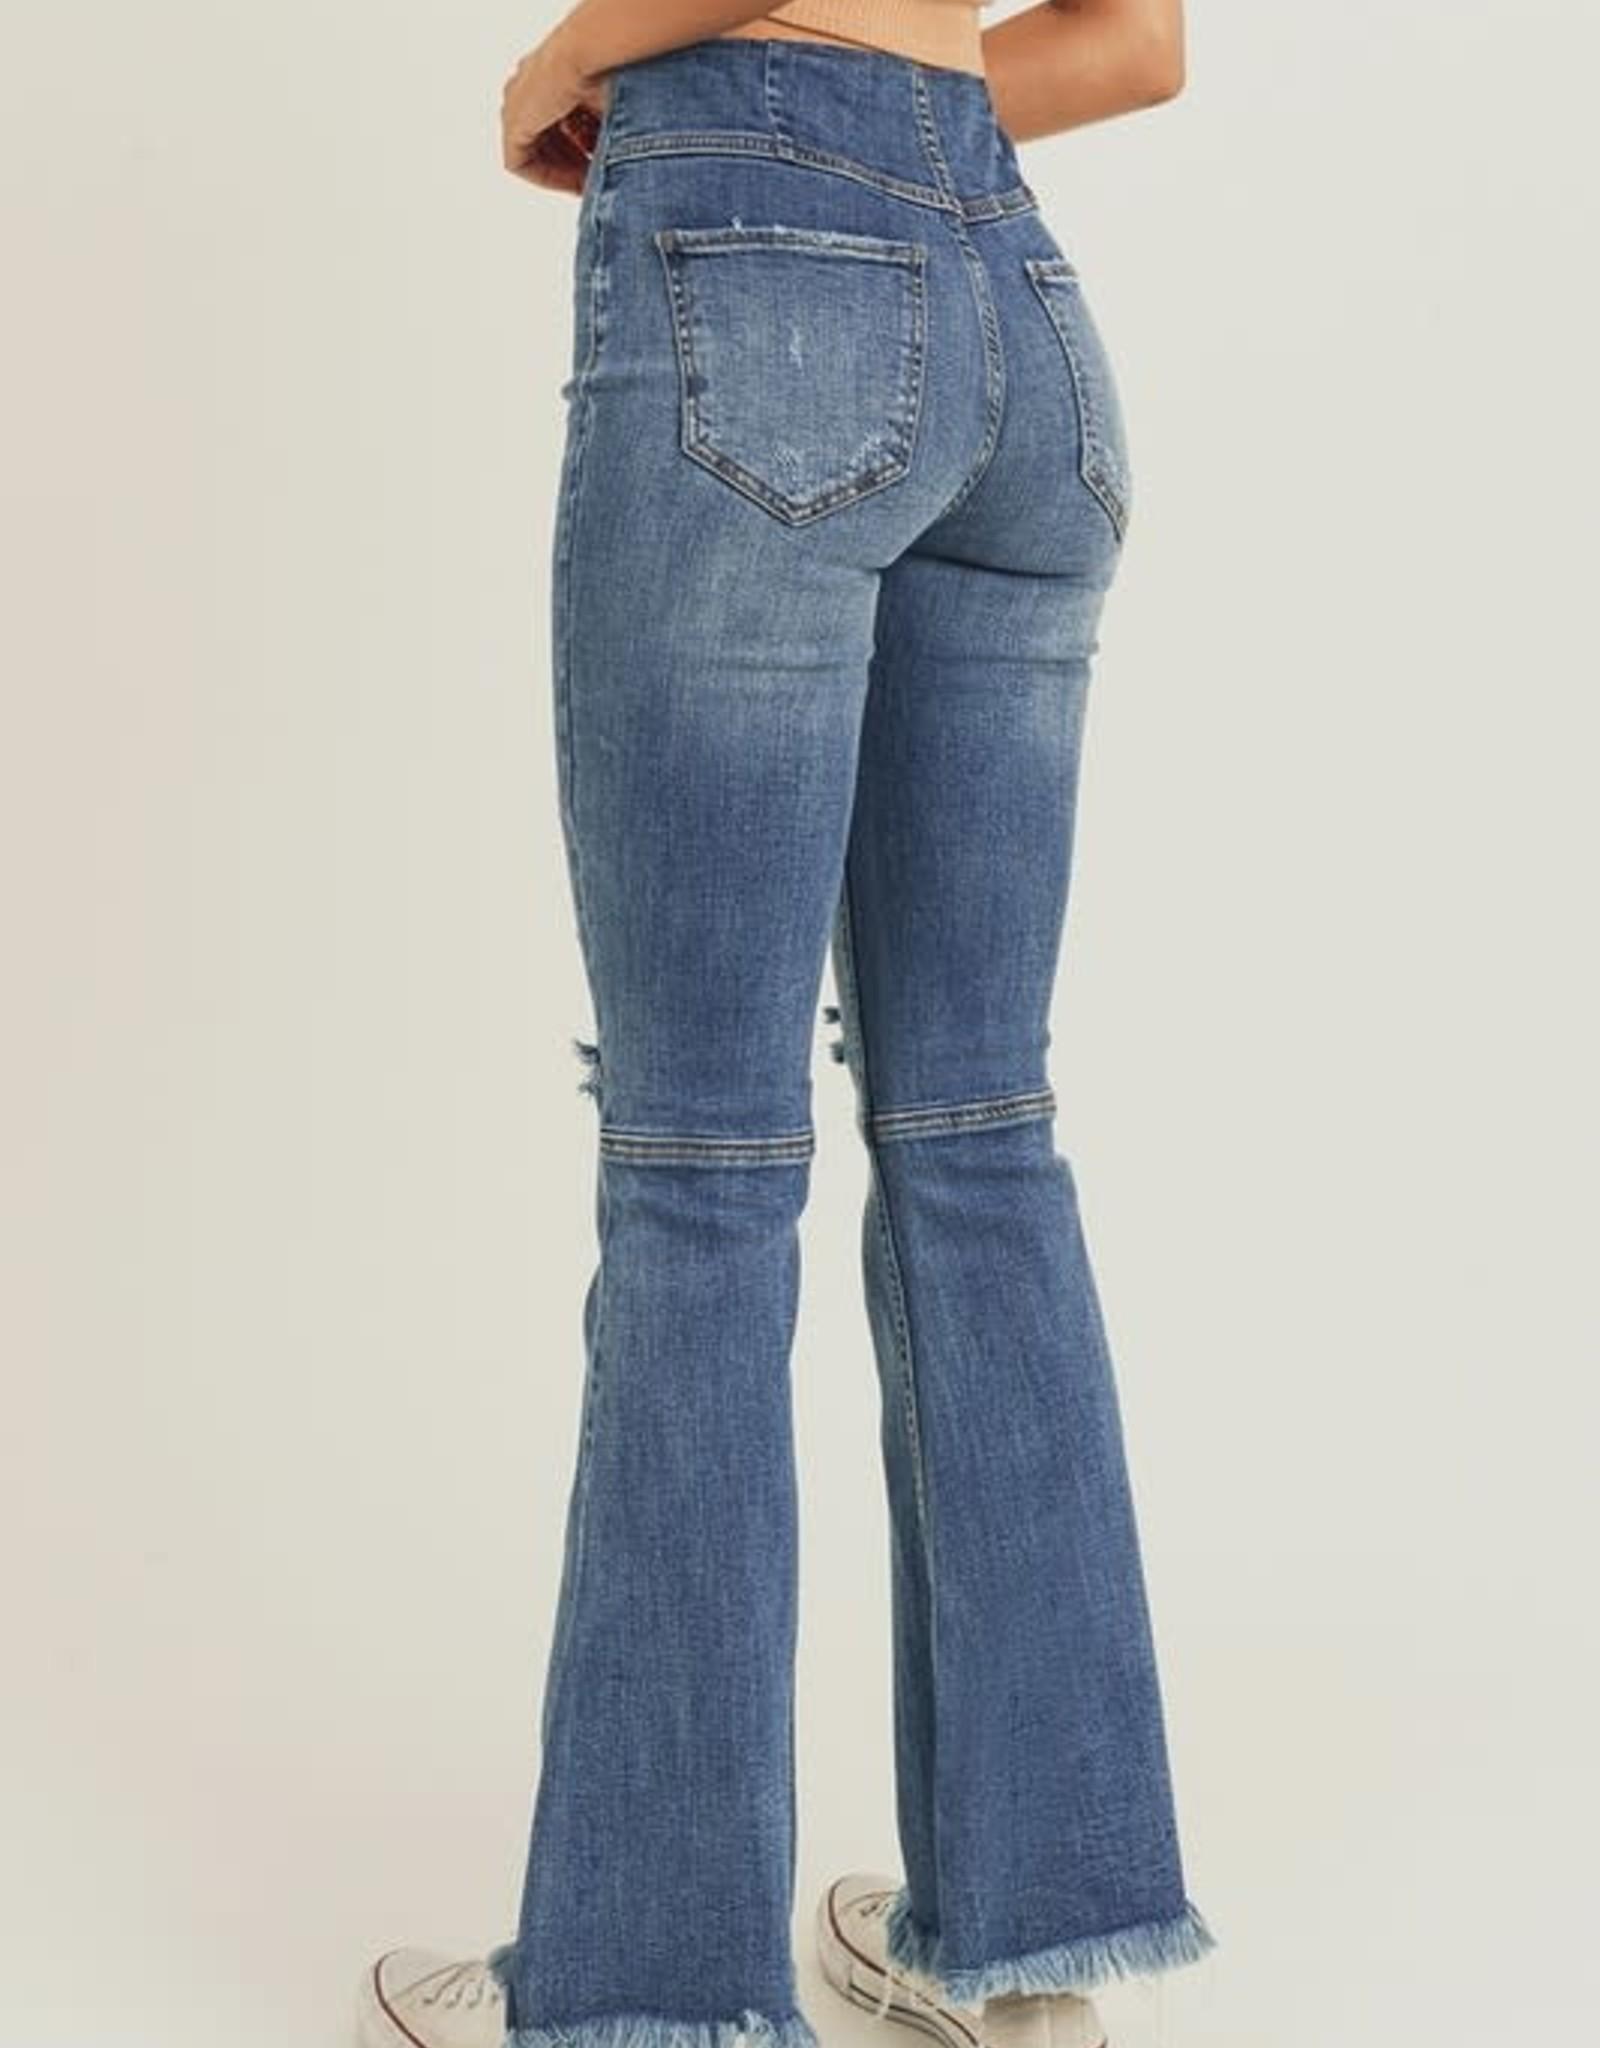 Risen Risen Pull On Flare Jeans